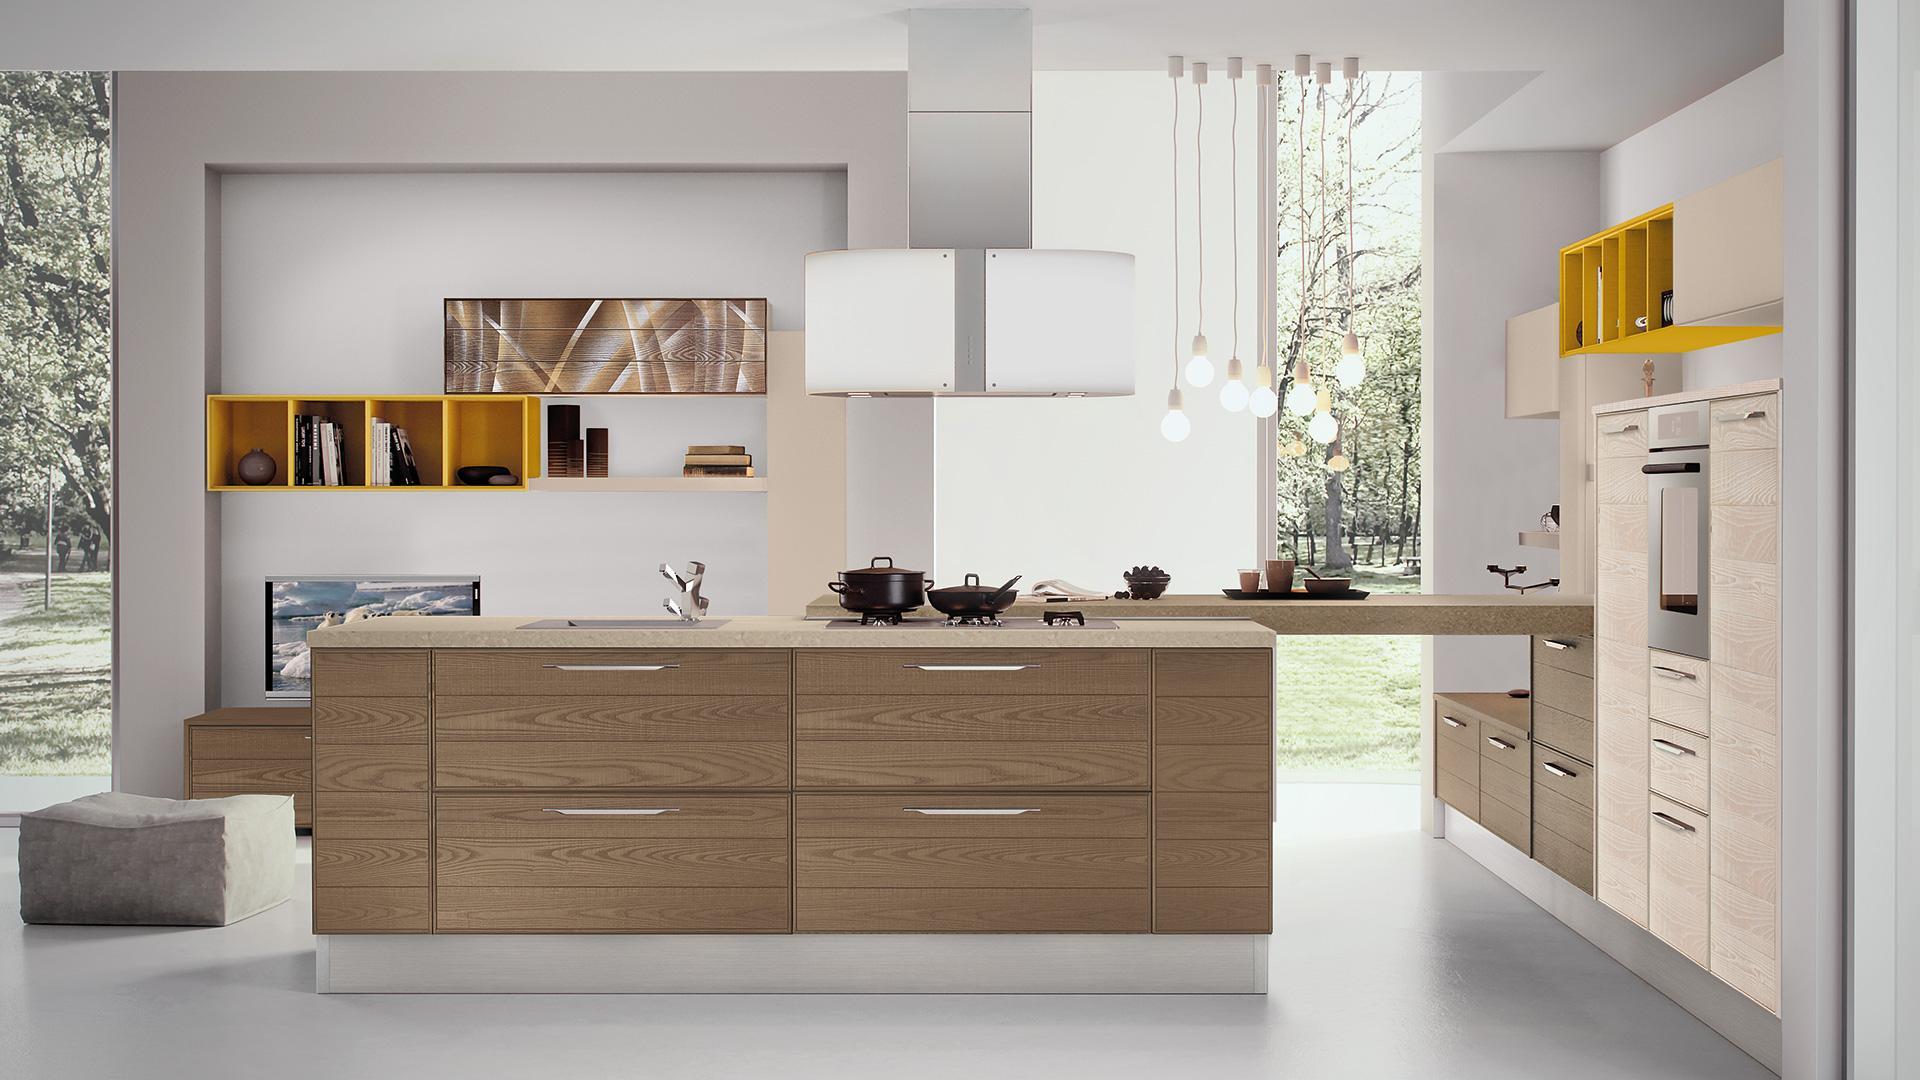 205606-adele-project - Lube e Creo Store Corsico - Vendita Cucine ...